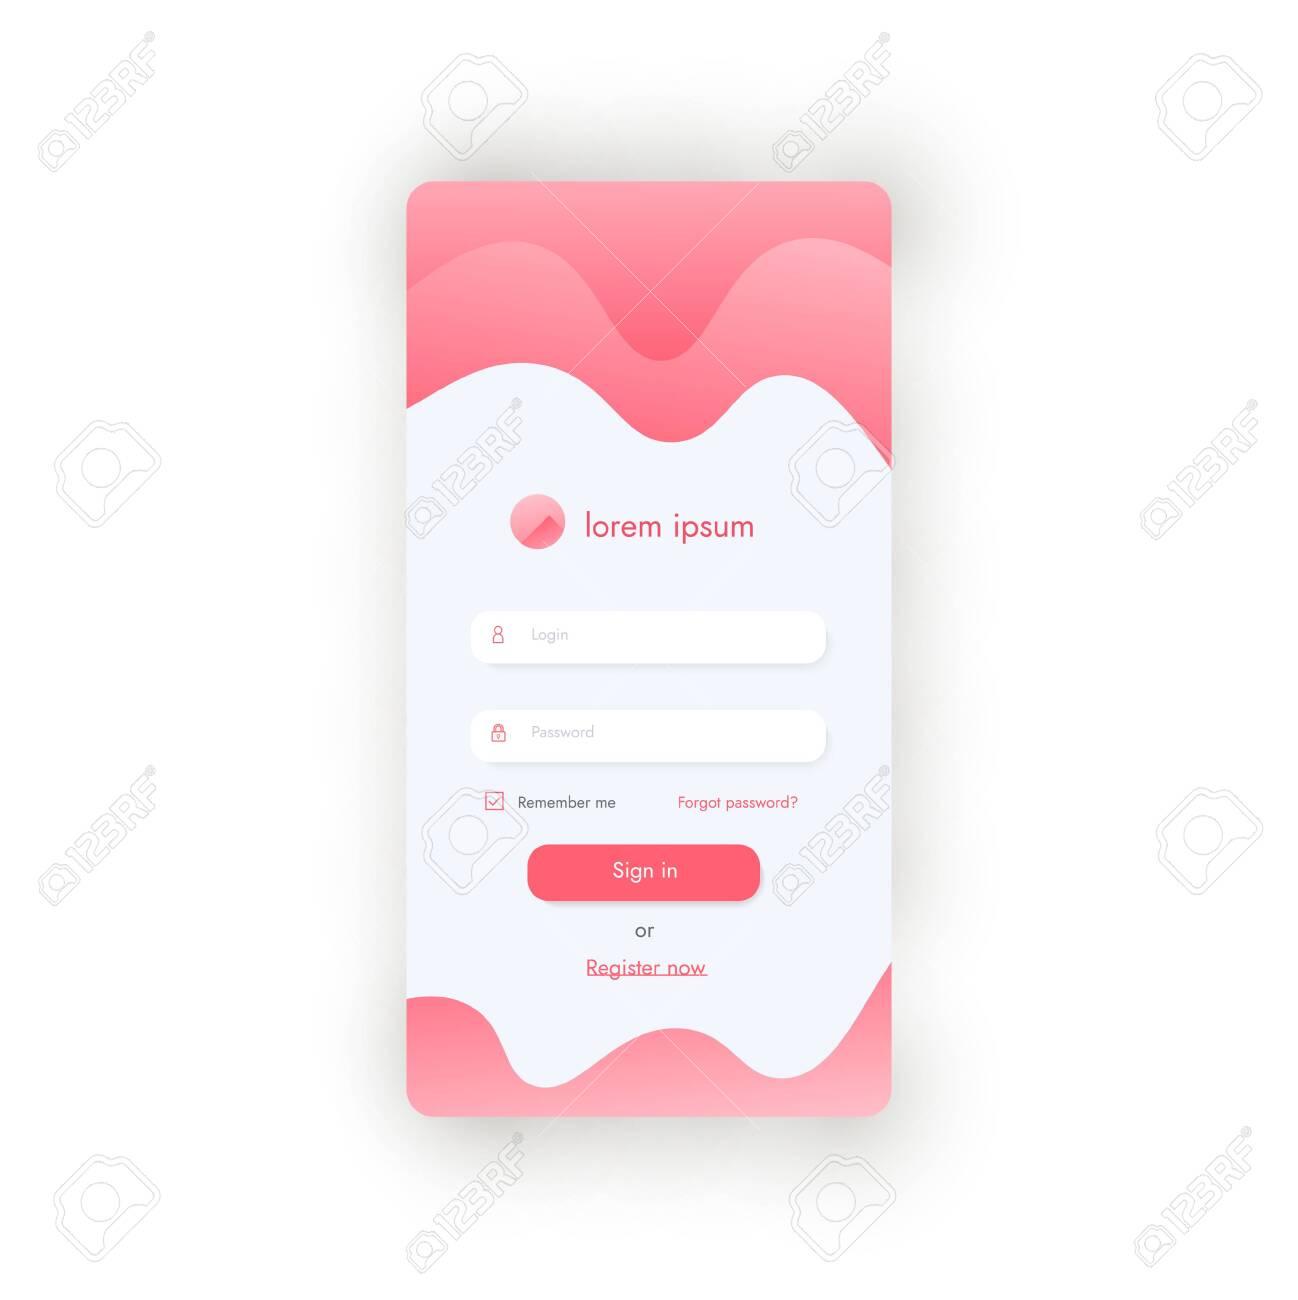 Sign Up Form For Phone App Or Websiste. Mobile Login Page Ui ...